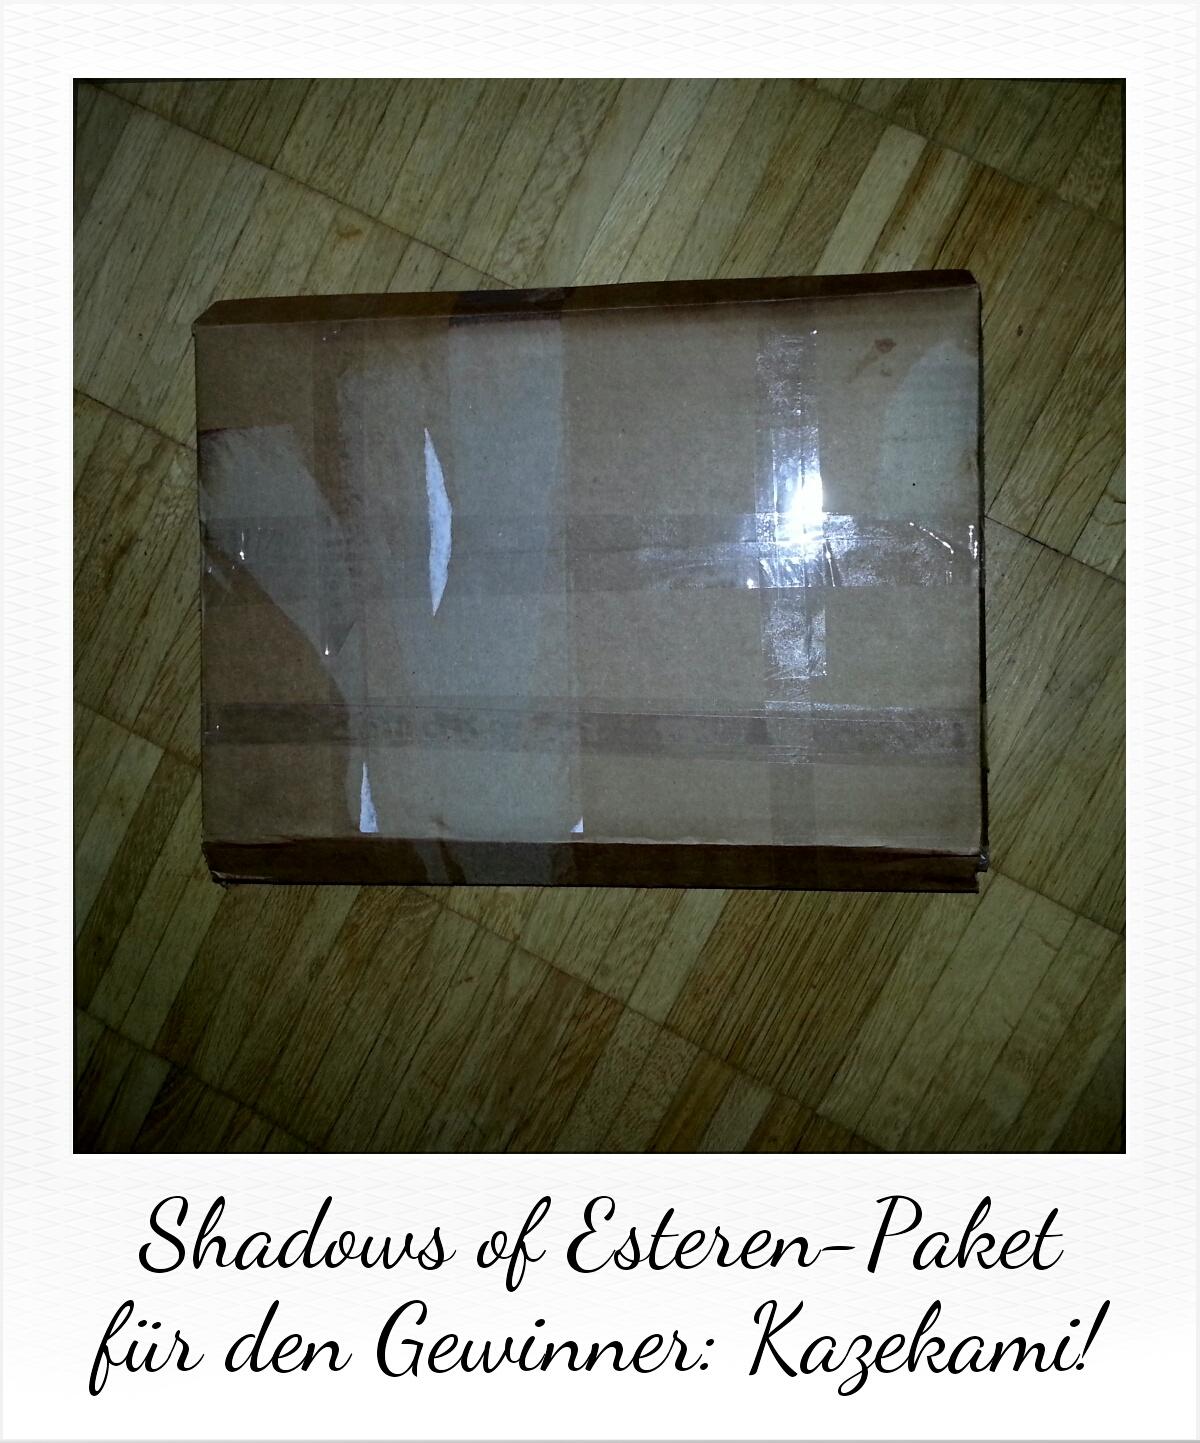 Shadows Of Esteren-Wettbewerb: Gewinner-Paket